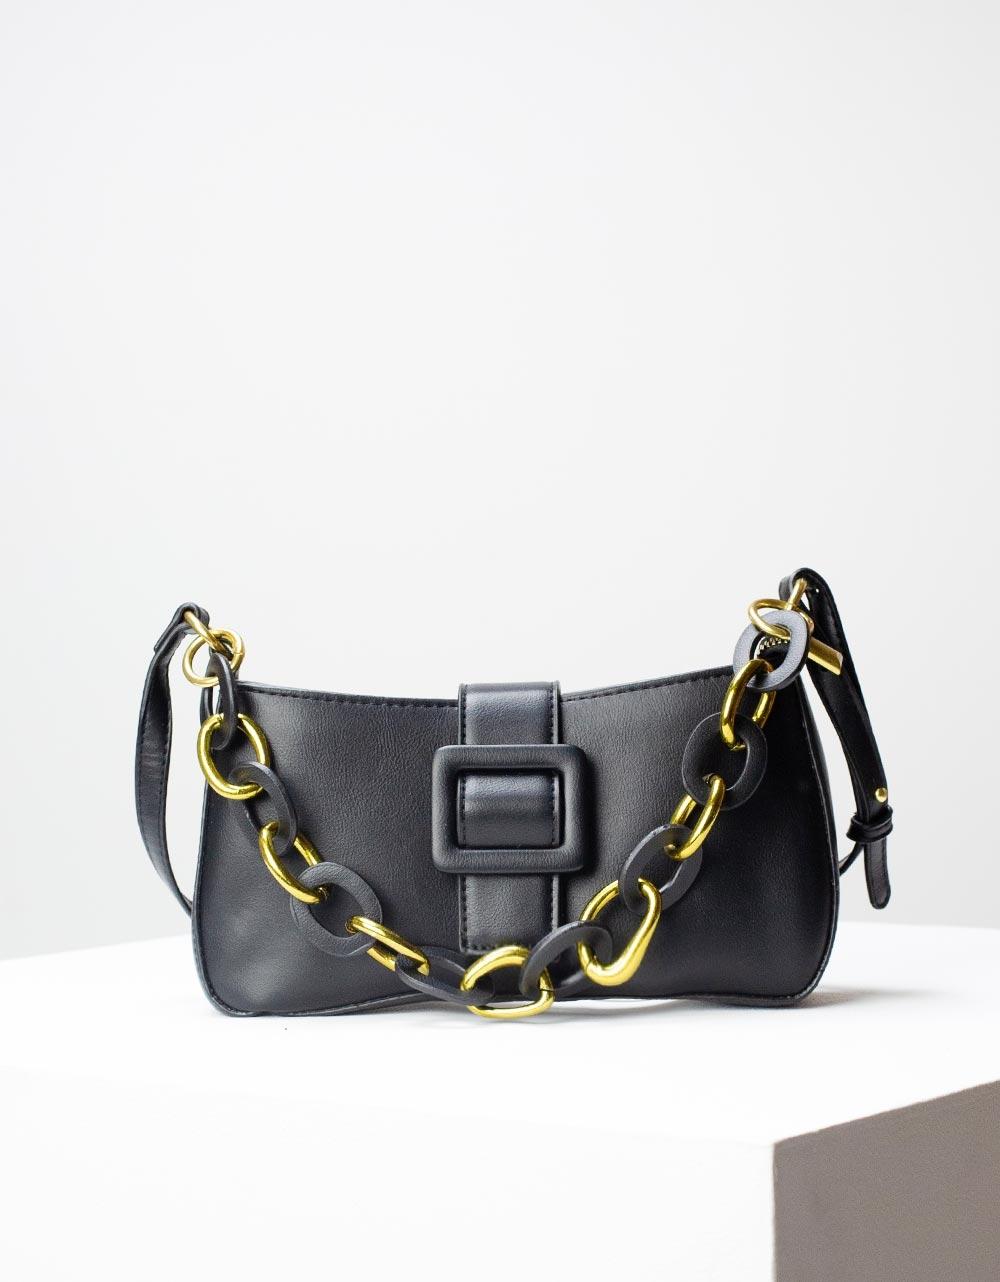 Εικόνα από Γυναικεία τσάντα ώμου & χιαστί με στρογγυλά λουράκια Μαύρο